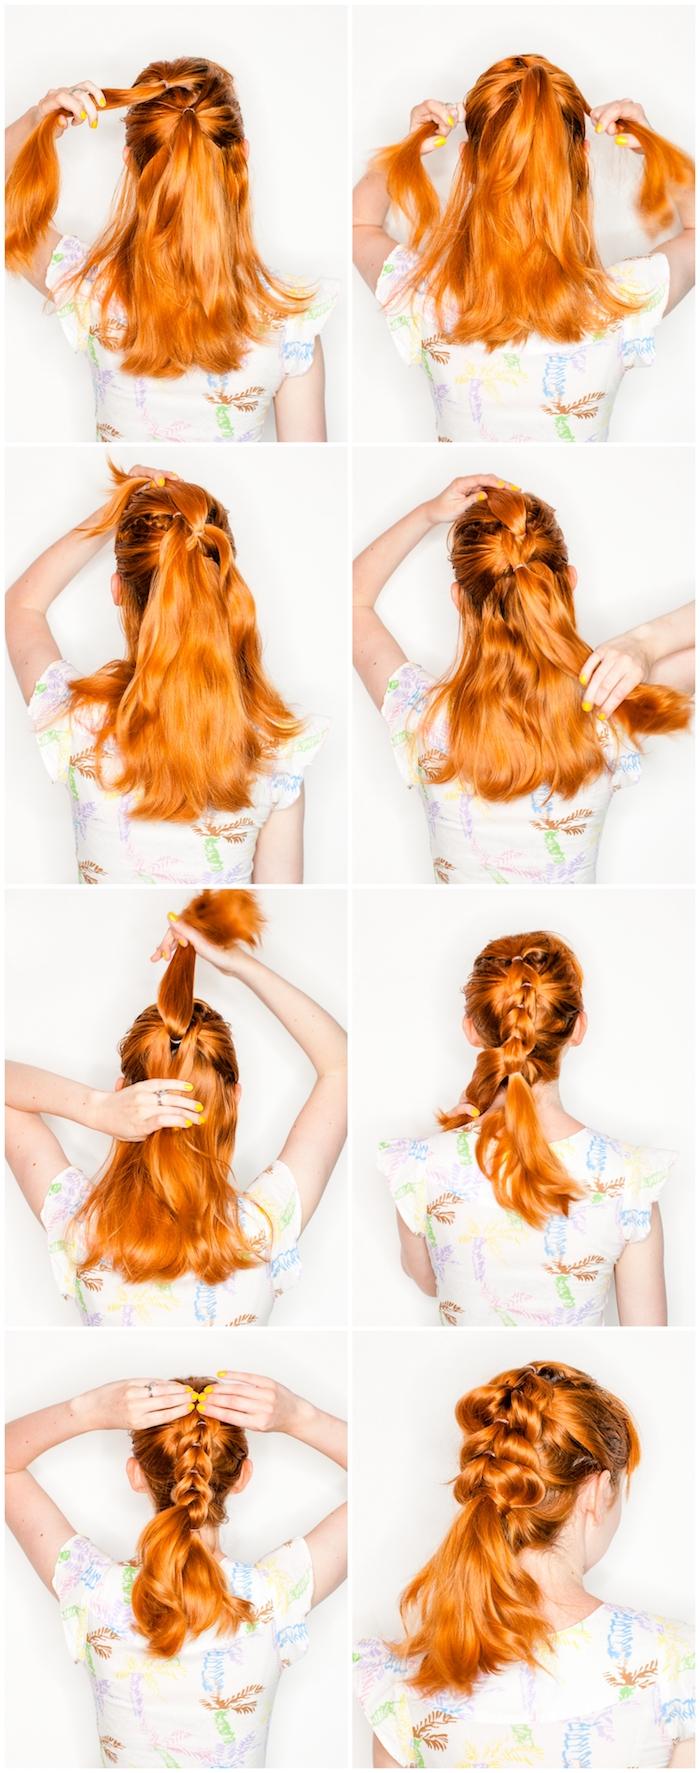 flechtfrisuren einfach, mittellange orangenfarbene haare, frauenfrisuren, frisurenideen